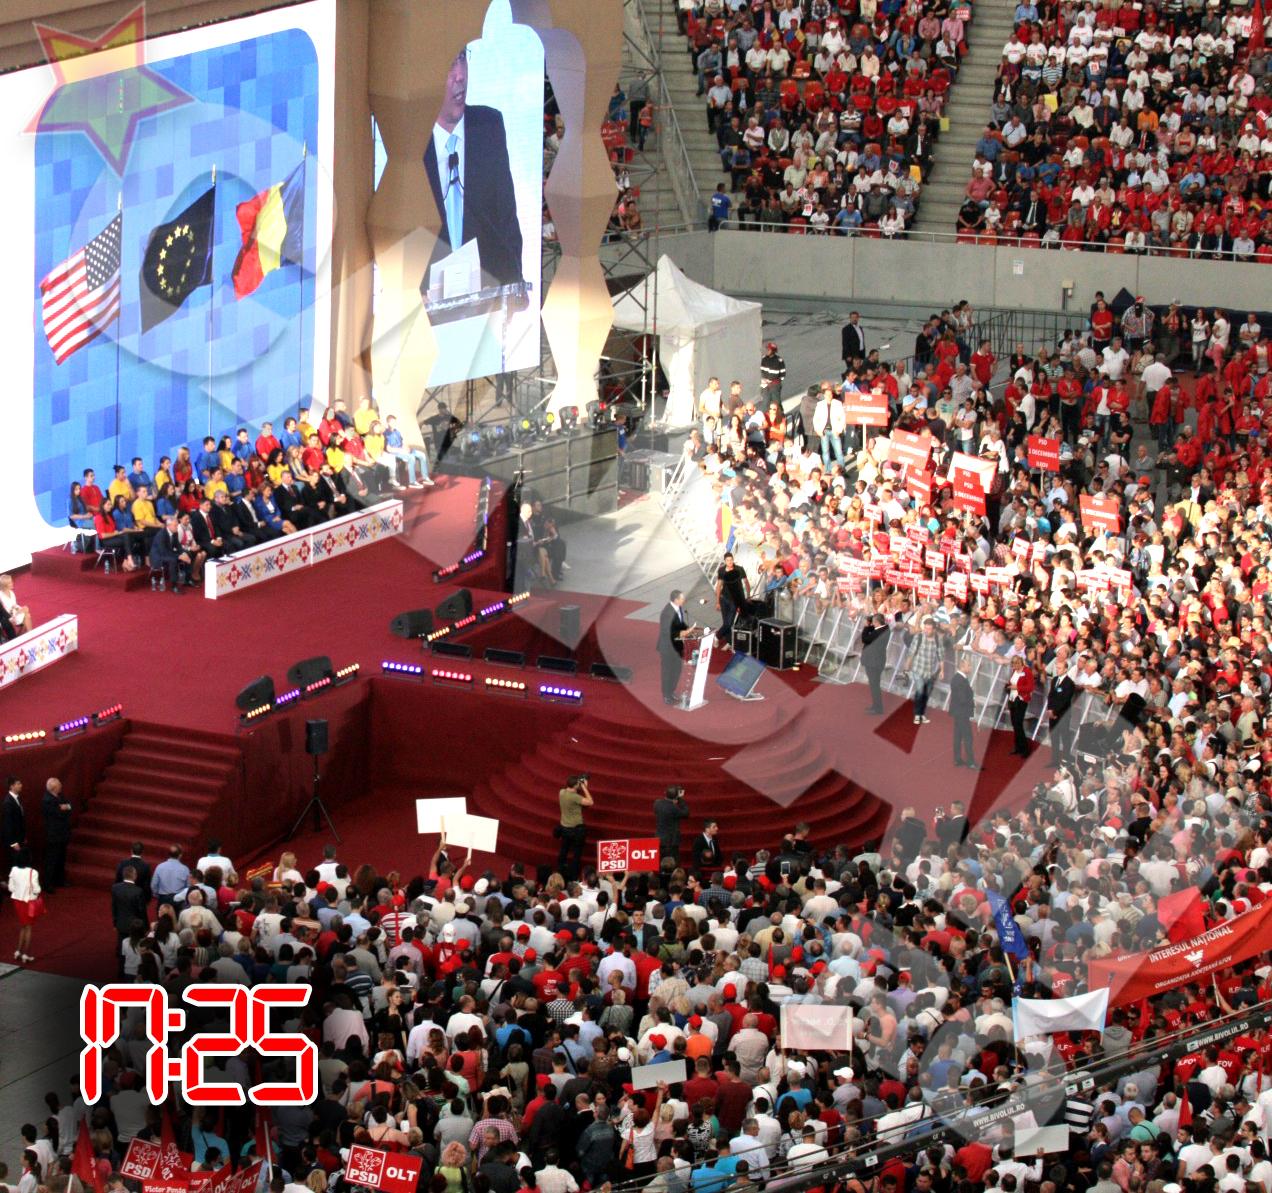 O sala intreaga s-a ridicat in picioare la cuvintele lui Victor Ponta, vibrand la unison cu fiecare cuvant rostit de acesta